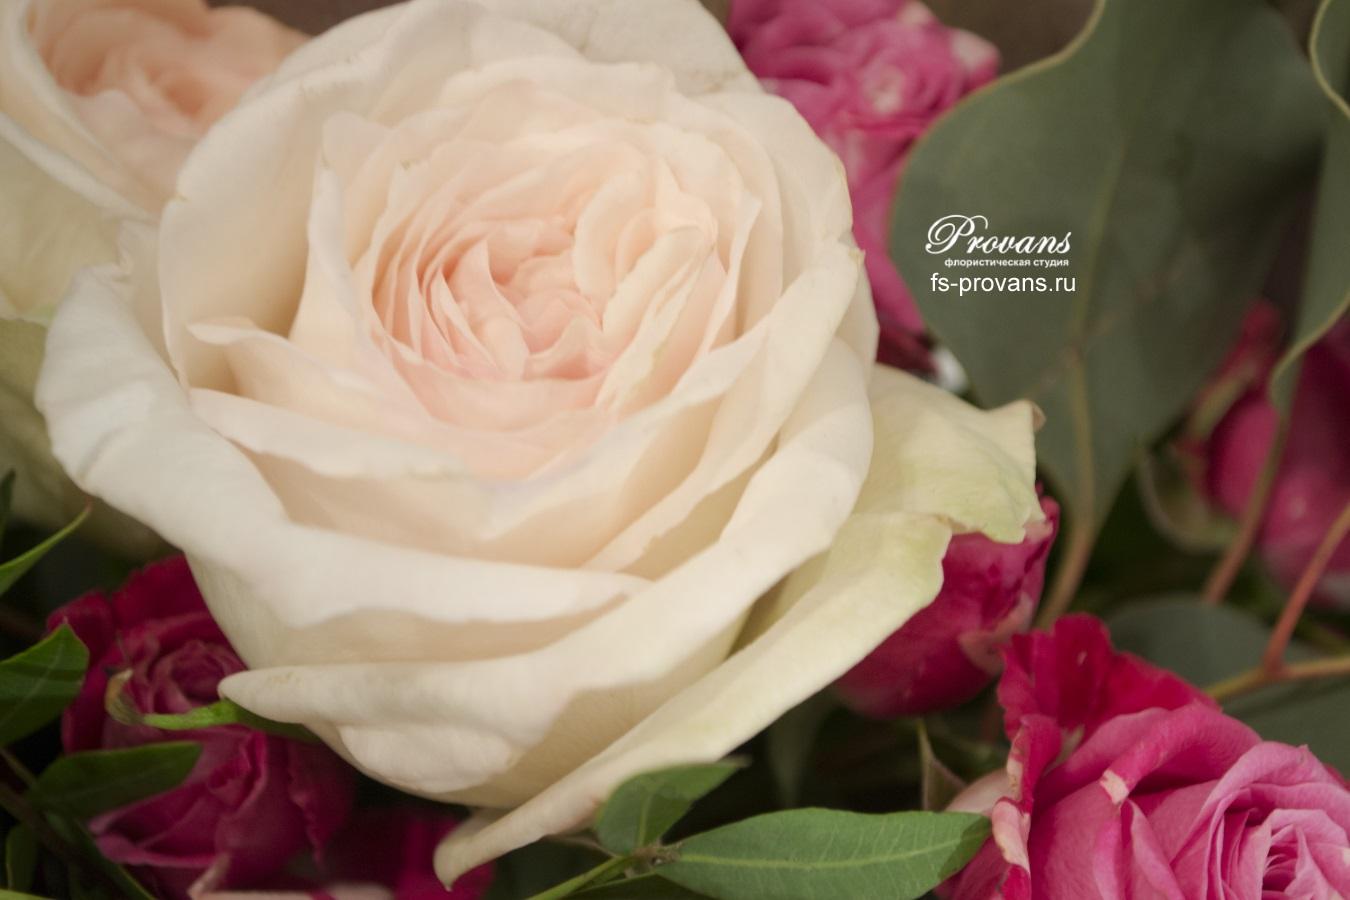 Цветы в коробке. Розы, анемоны, матиола, эустома